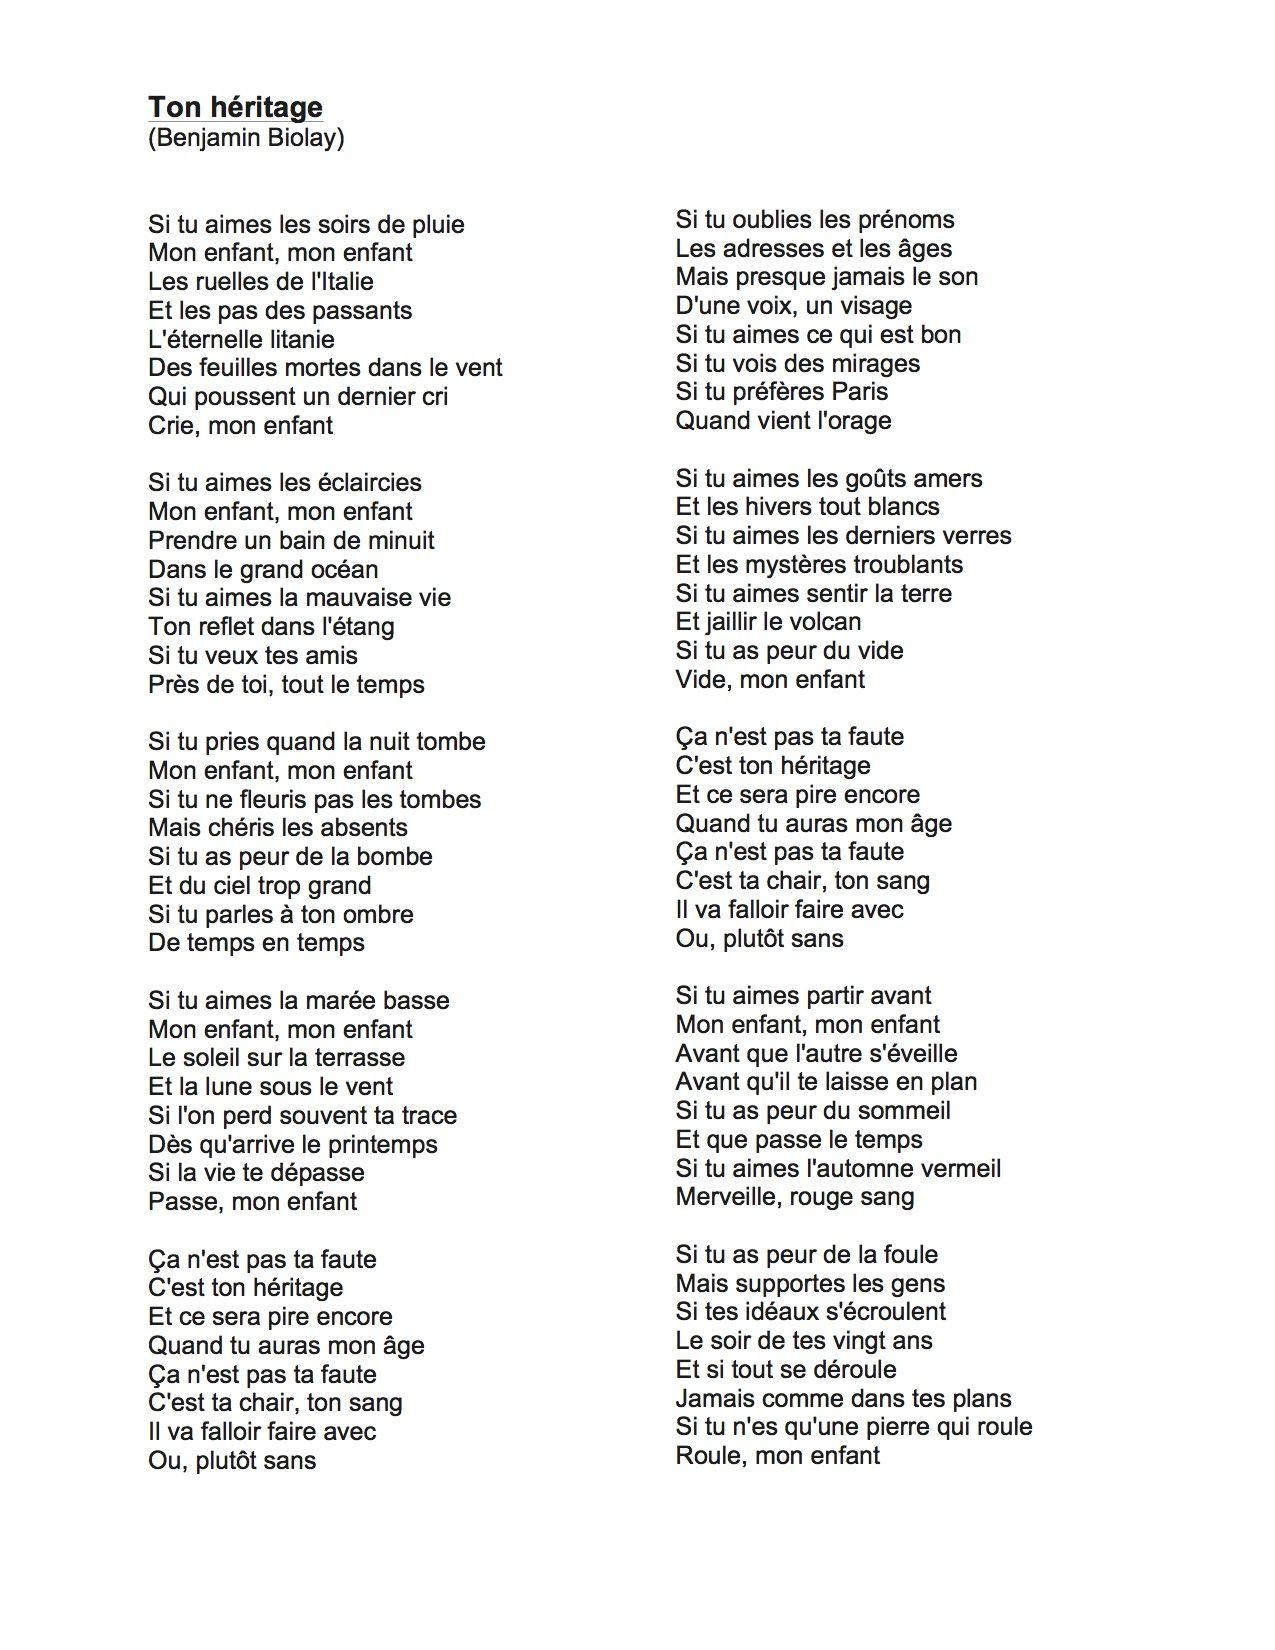 Parole Comment Est Ta Peine : parole, comment, peine, Benjamin, Biolay., Héritage., Biolay,, Paroles, Chansons,, Biolay